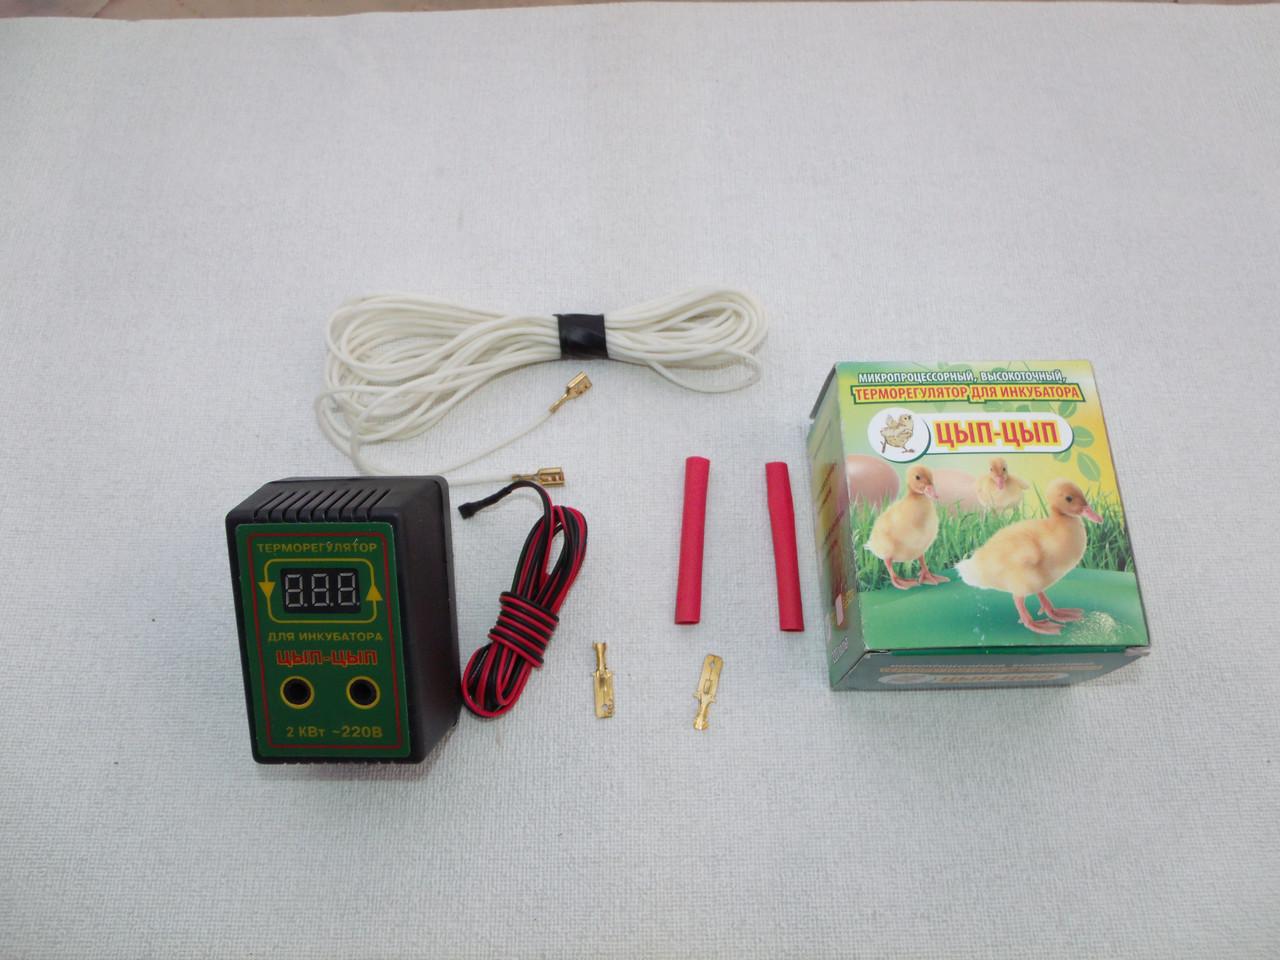 Комплект - цифровой терморегулятор для инкубатора Цып-Цып с силиконовым тэном